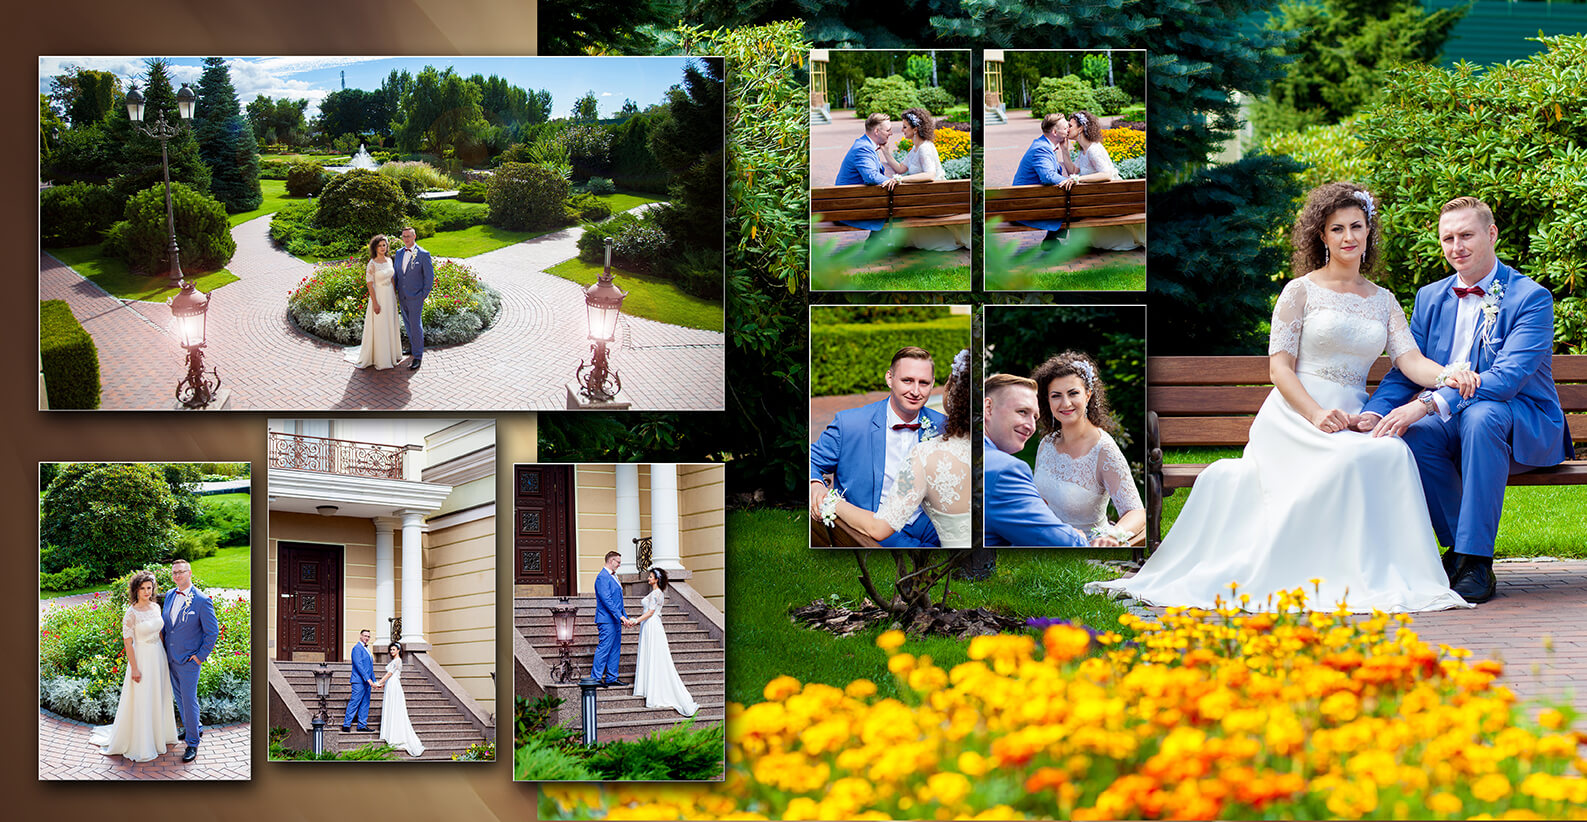 svadebnaja-fotokniga-albom-zakazat-fotograf-kiev-primery-8